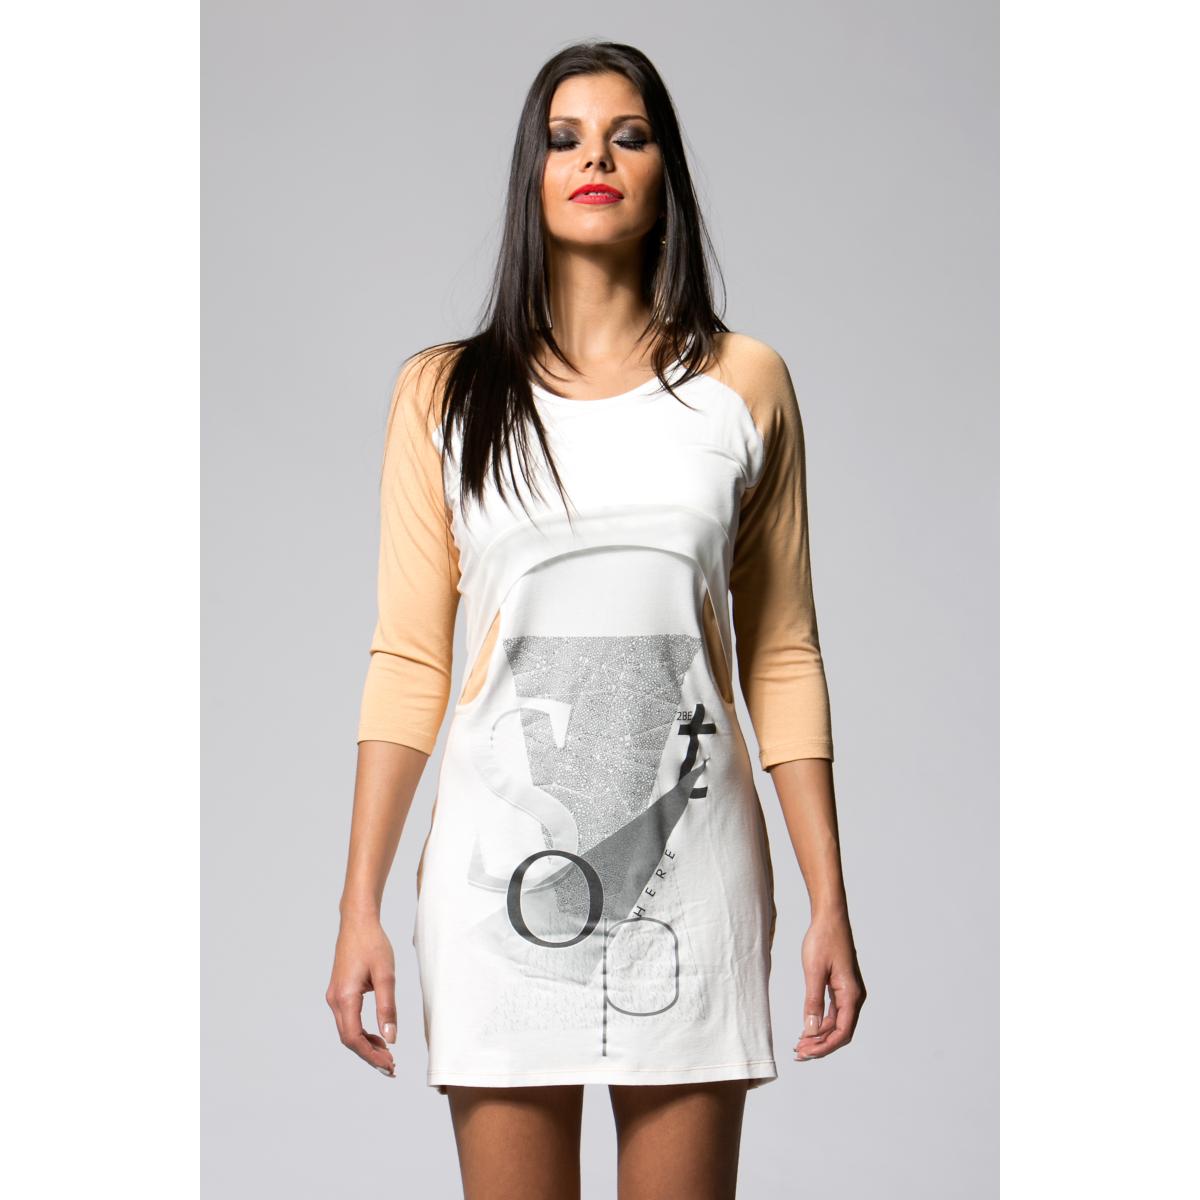 b698beee1e Összes ruha - Ruha webáruház, női ruházat - Likefashion - 17. oldal